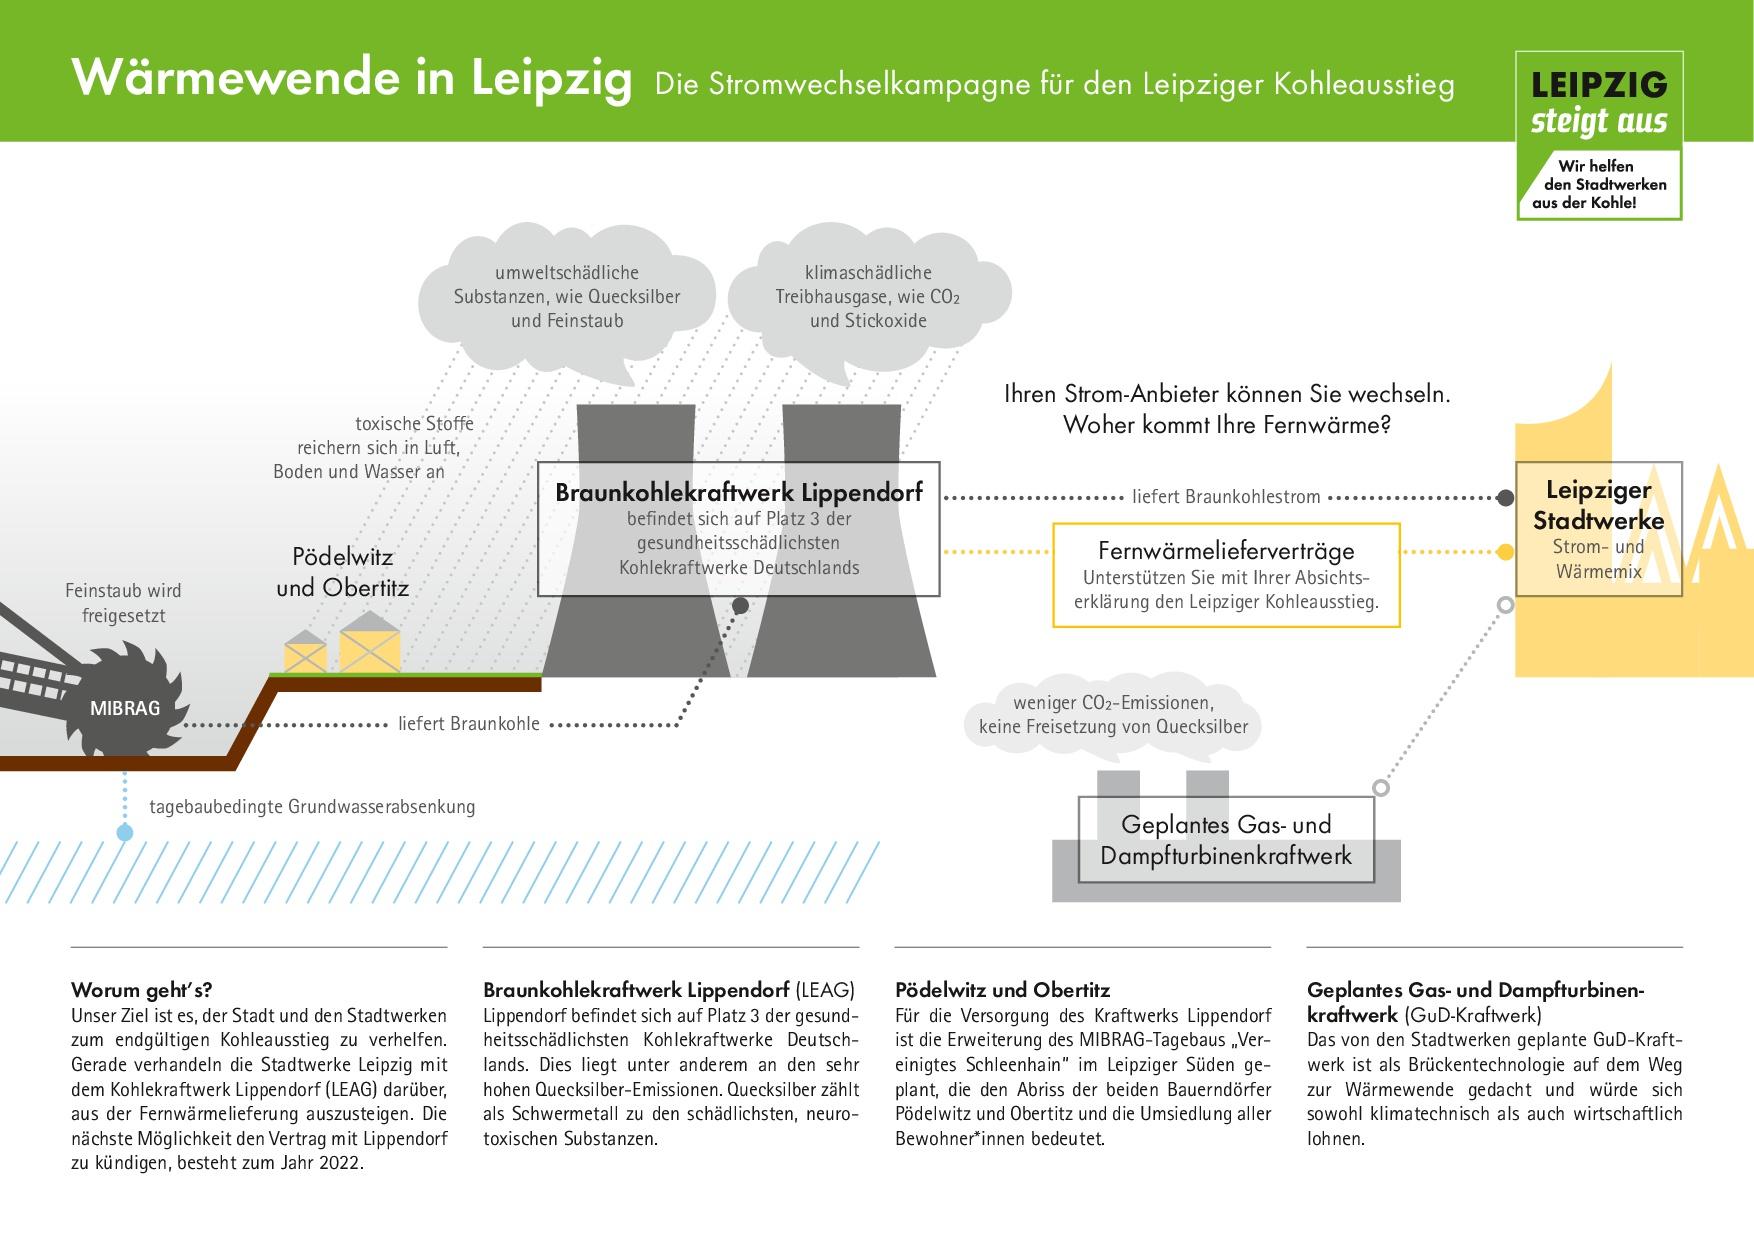 Leipzig Steigt Aus